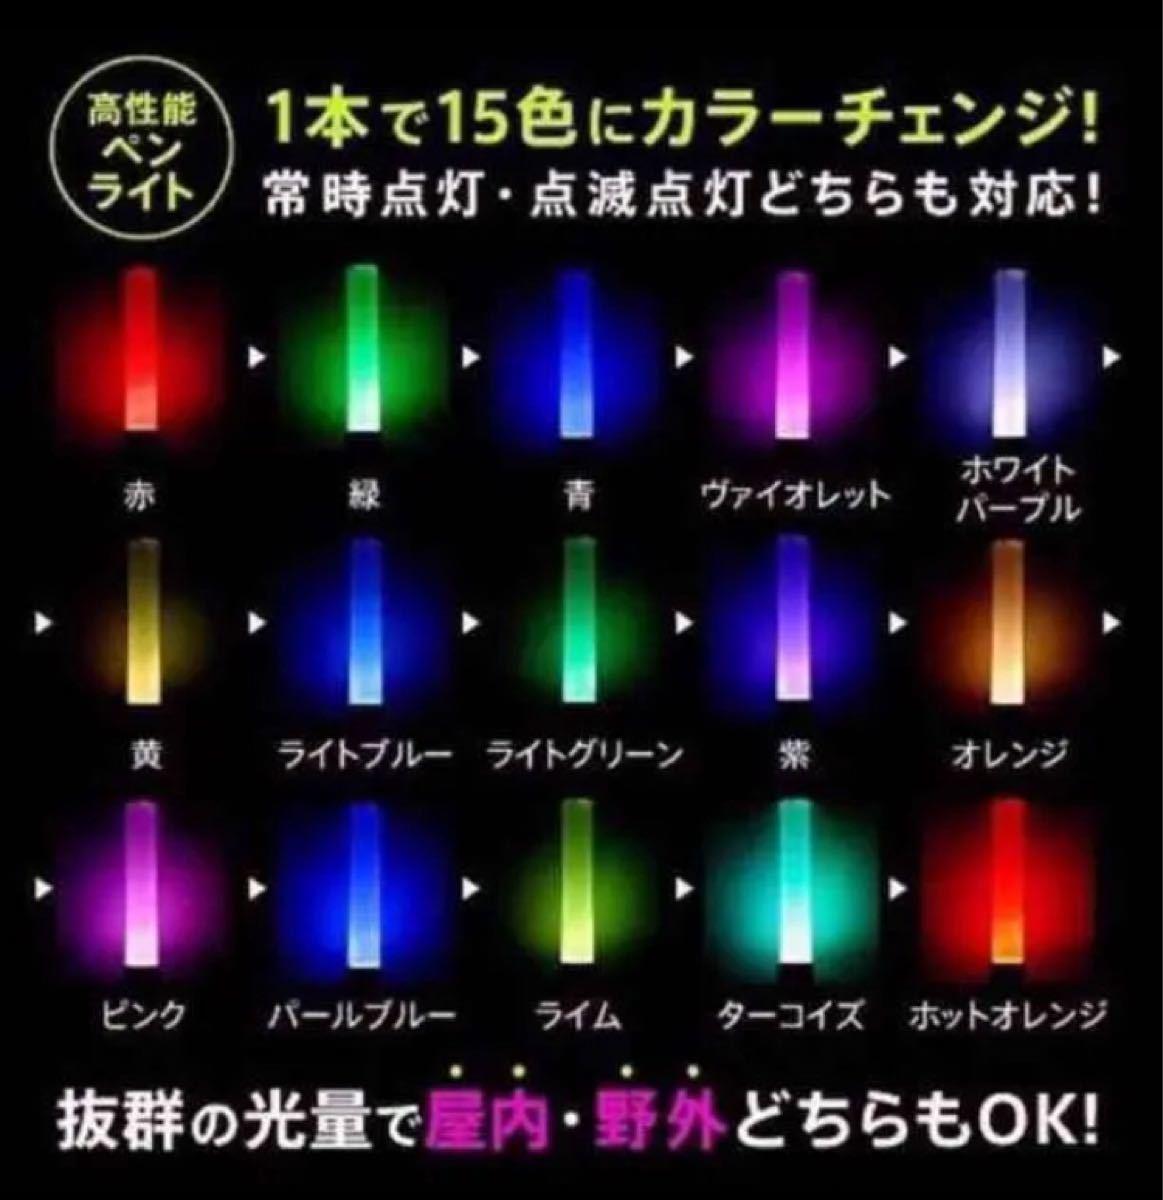 新品 LEDペンライト キンブレ アイドル 応援 ライブ コンサート